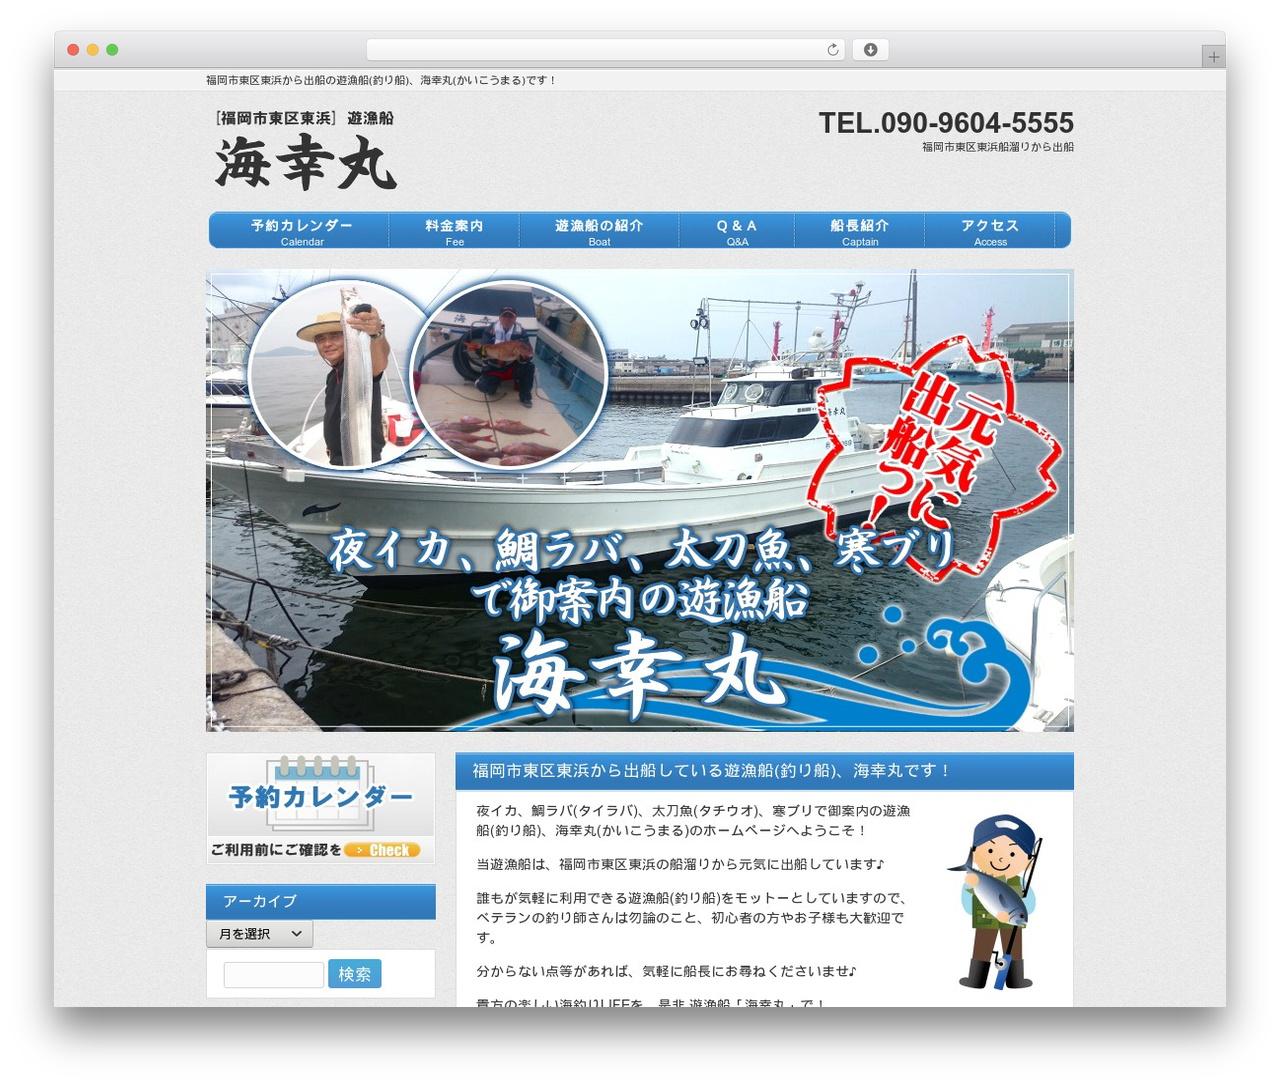 WP theme responsive_060 - kaikoumaru-fukuoka.com